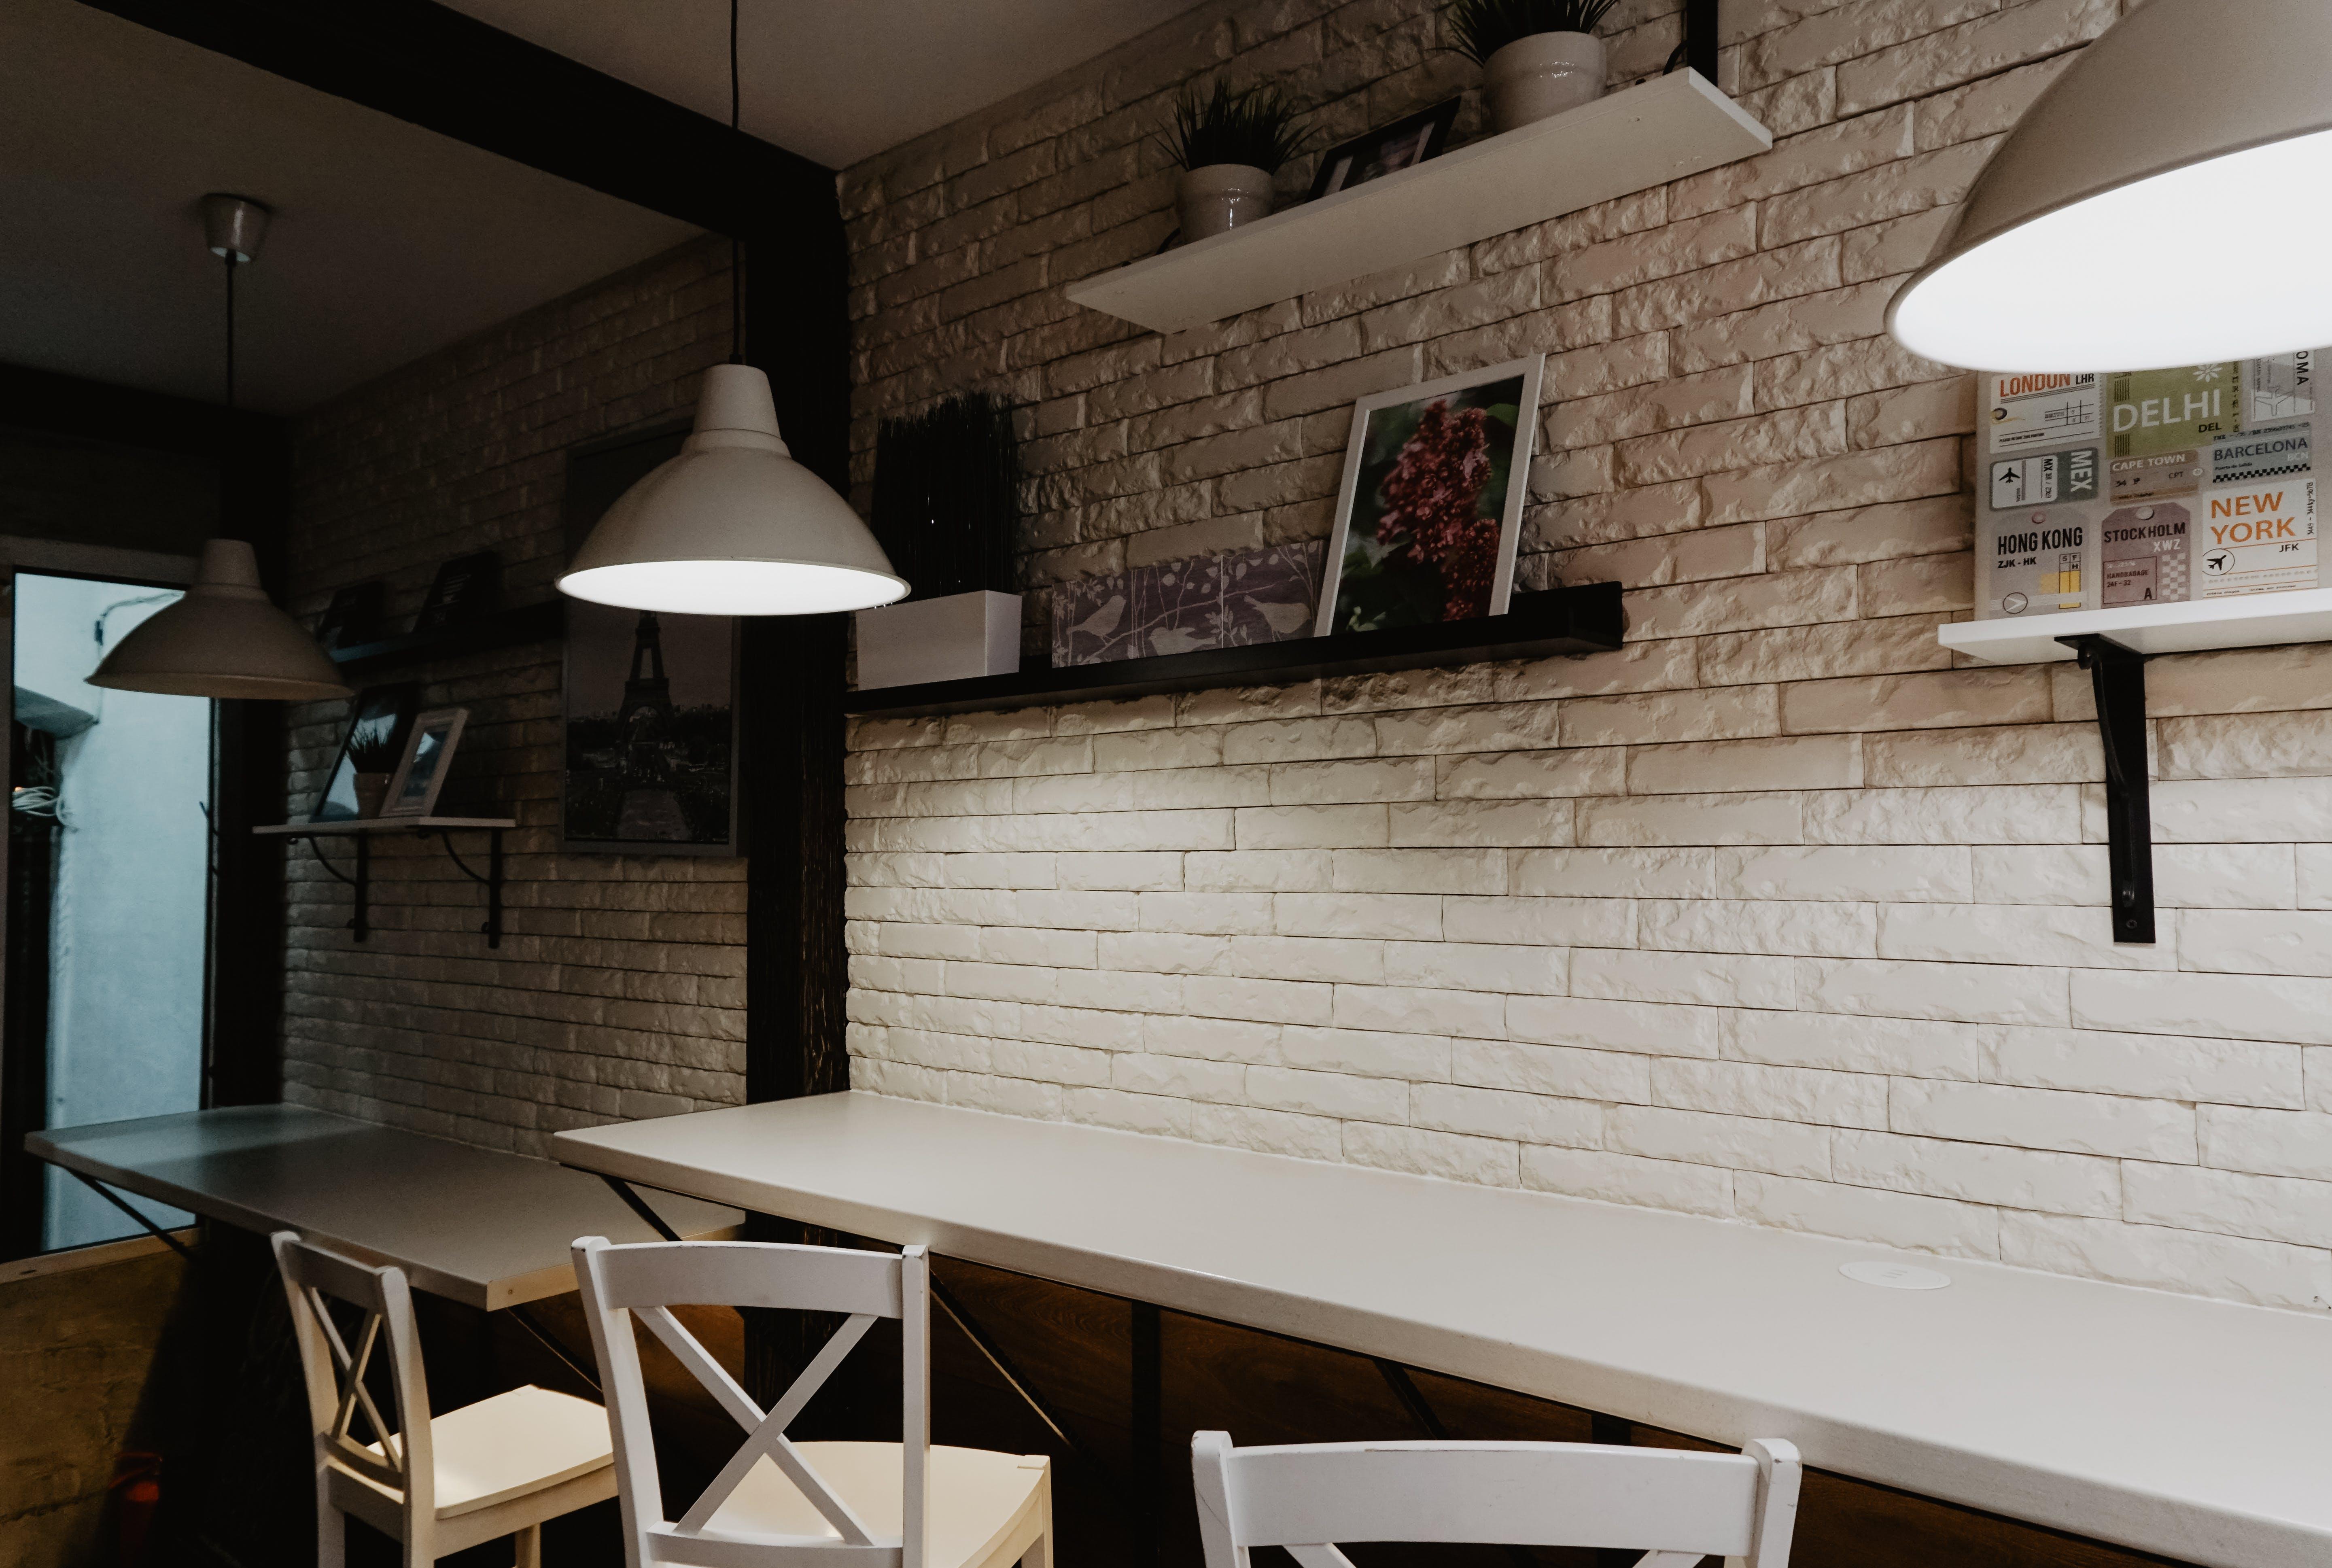 Foto profissional grátis de cadeiras, dentro de casa, design de interiores, estantes